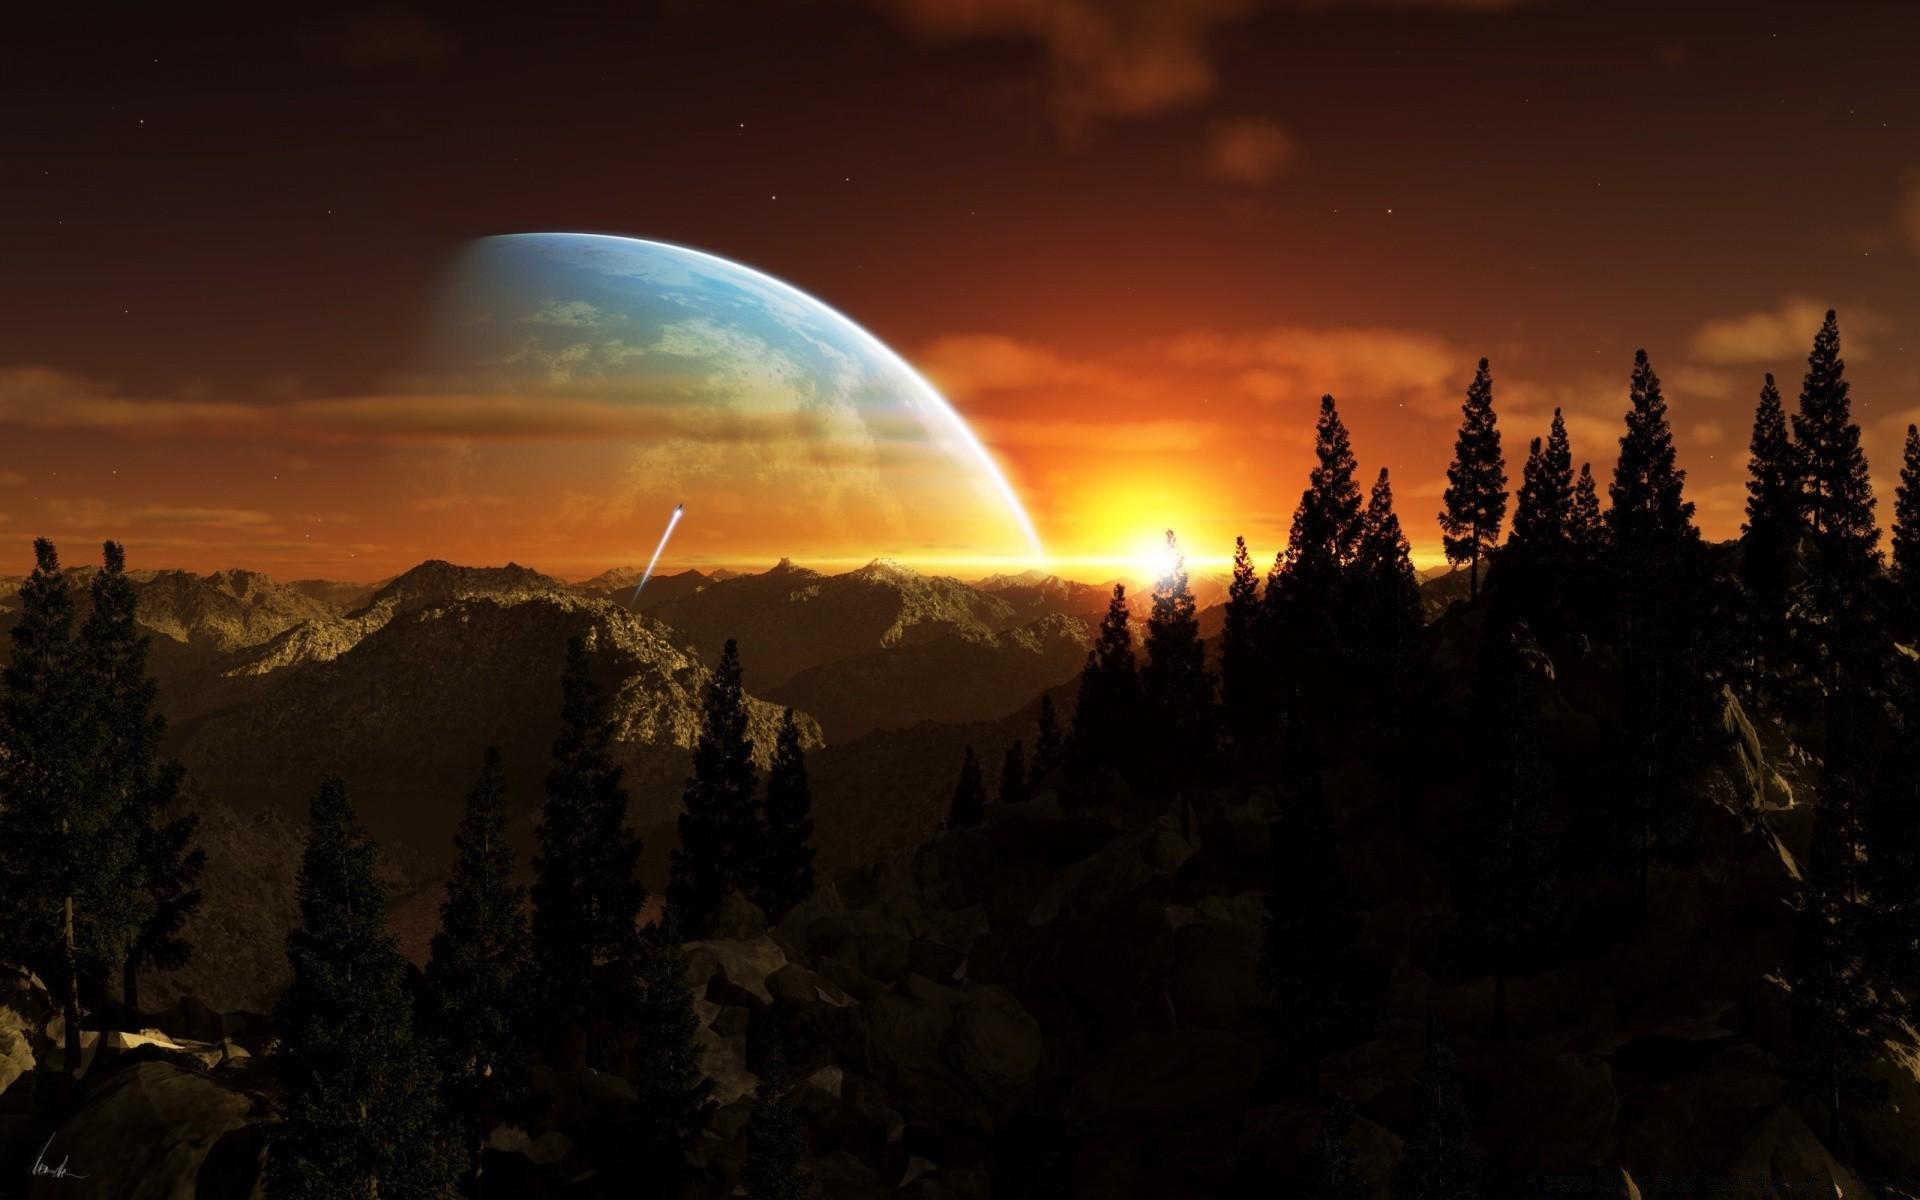 Картинки на обои космос горизонтально если